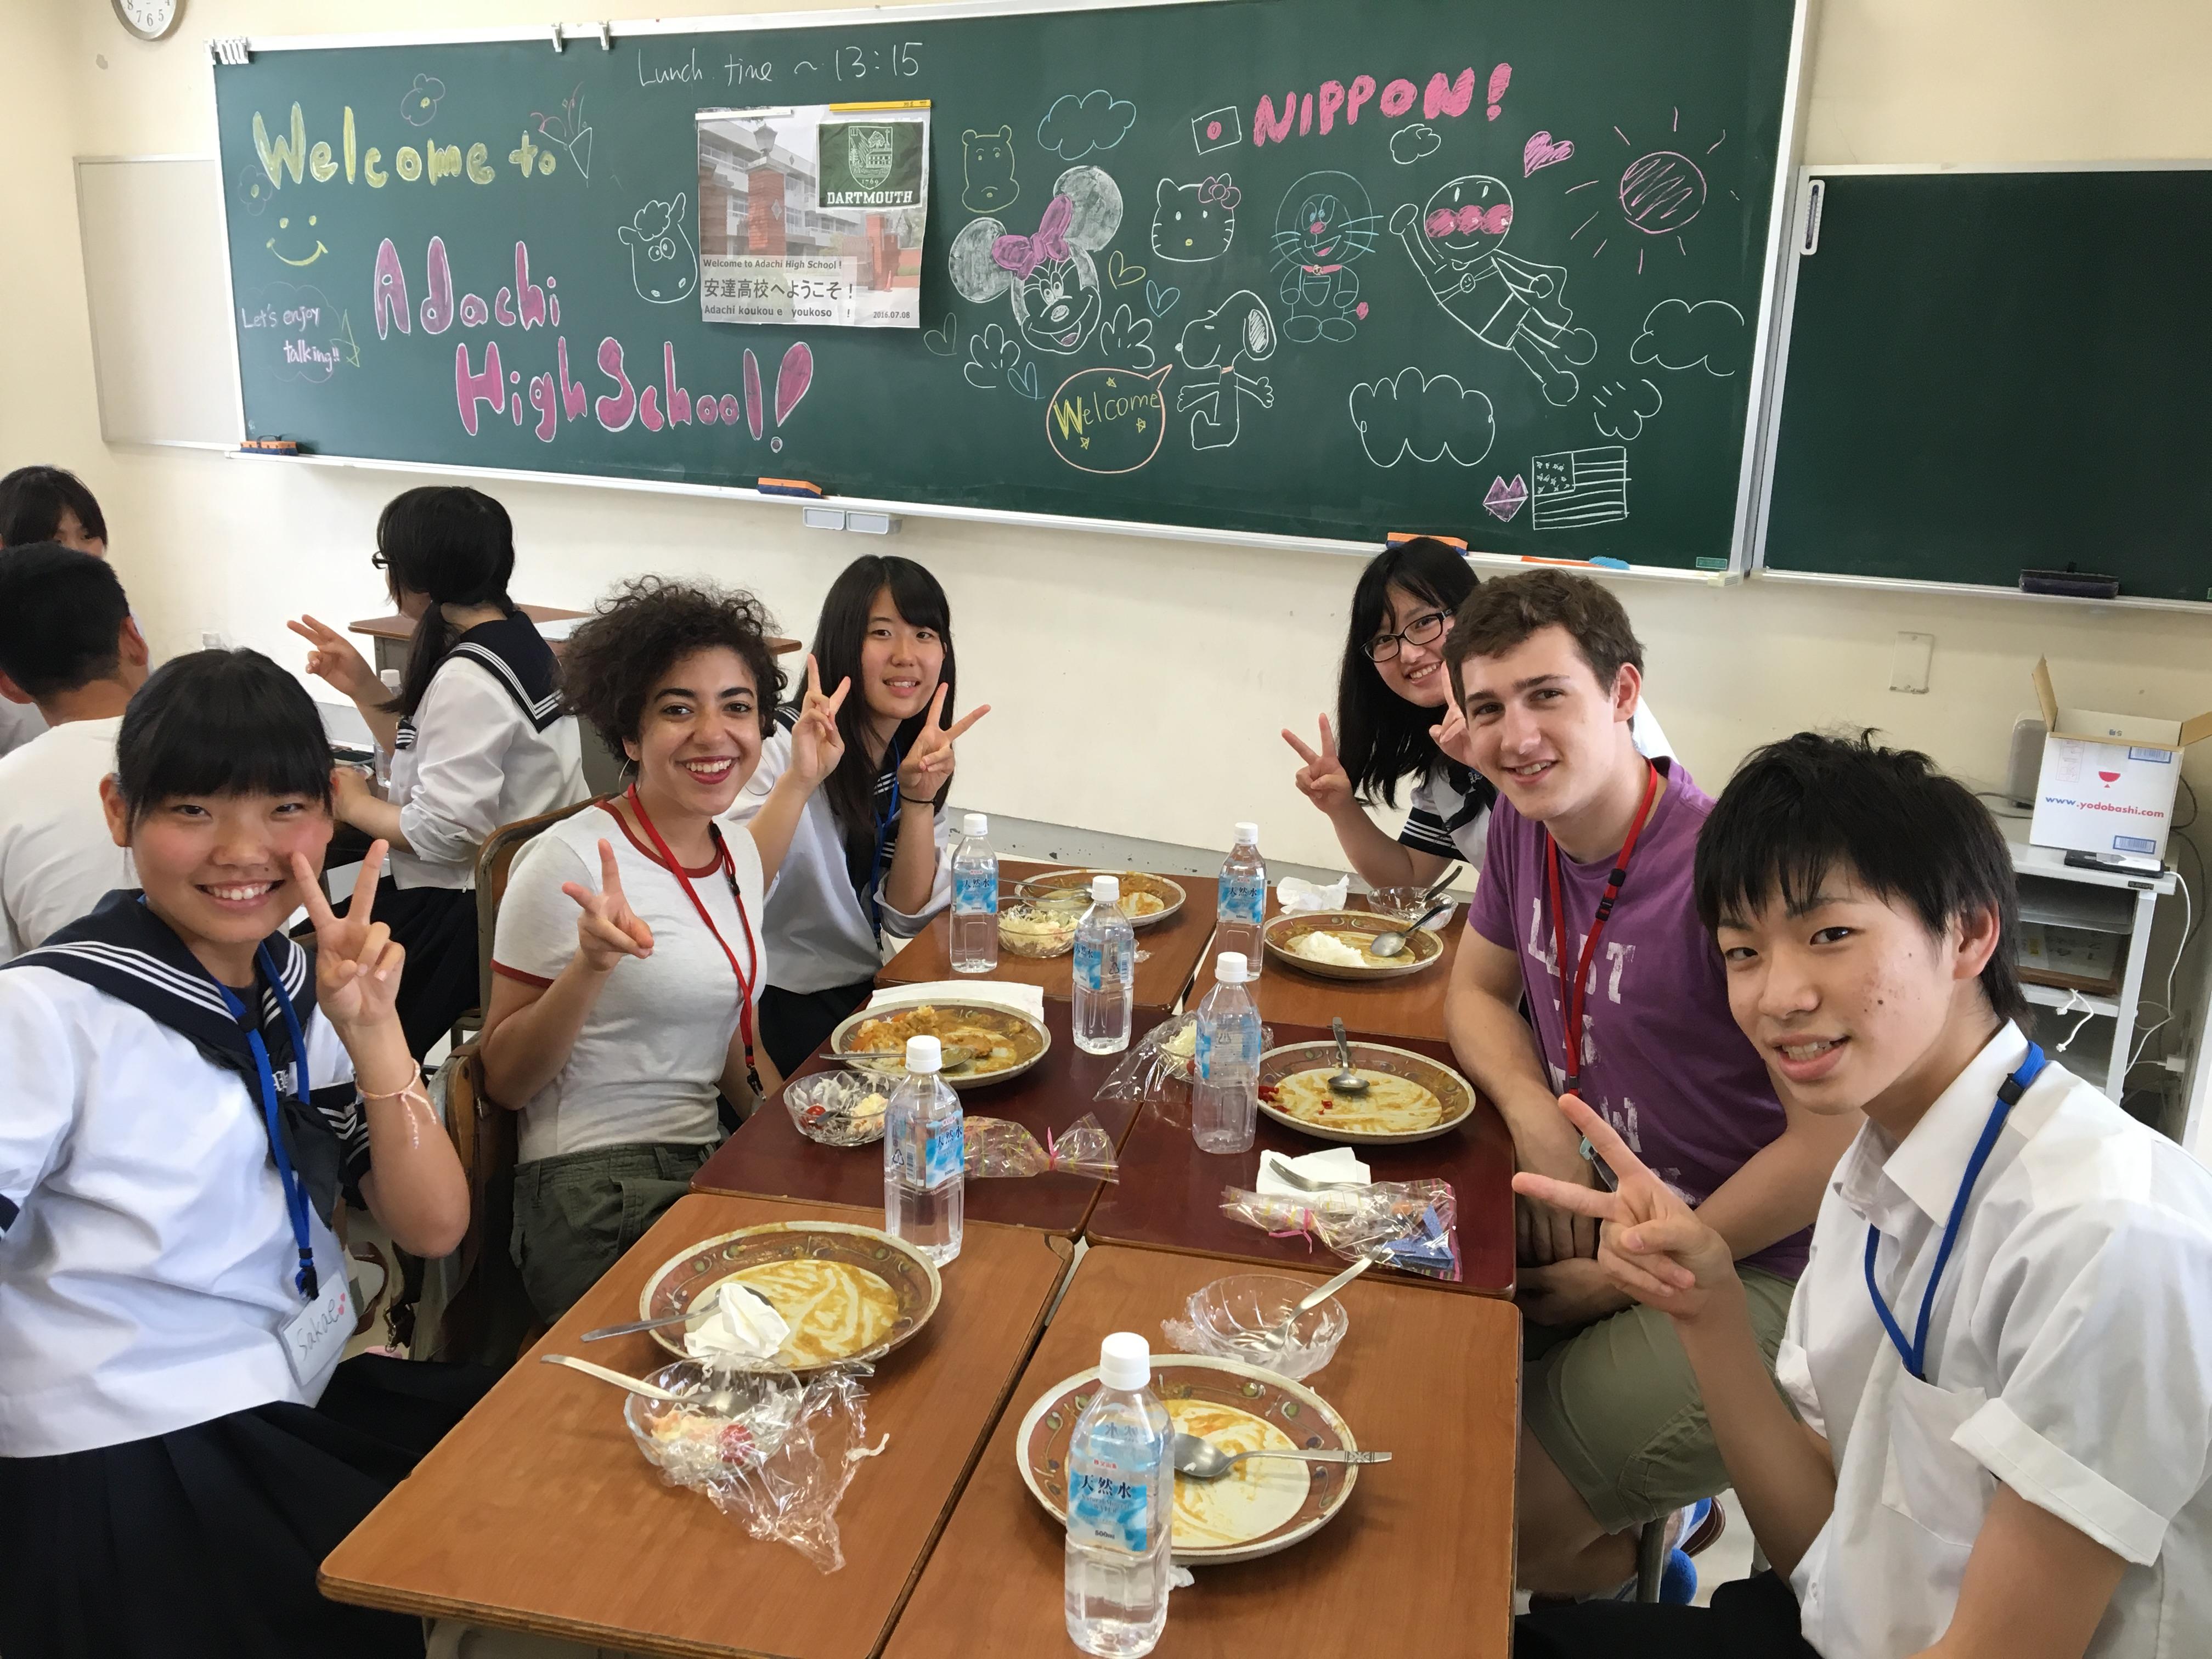 Japan Lsa ダートマス大学日本語研修班 187 Dartmouth Trip To Nihonmatsu